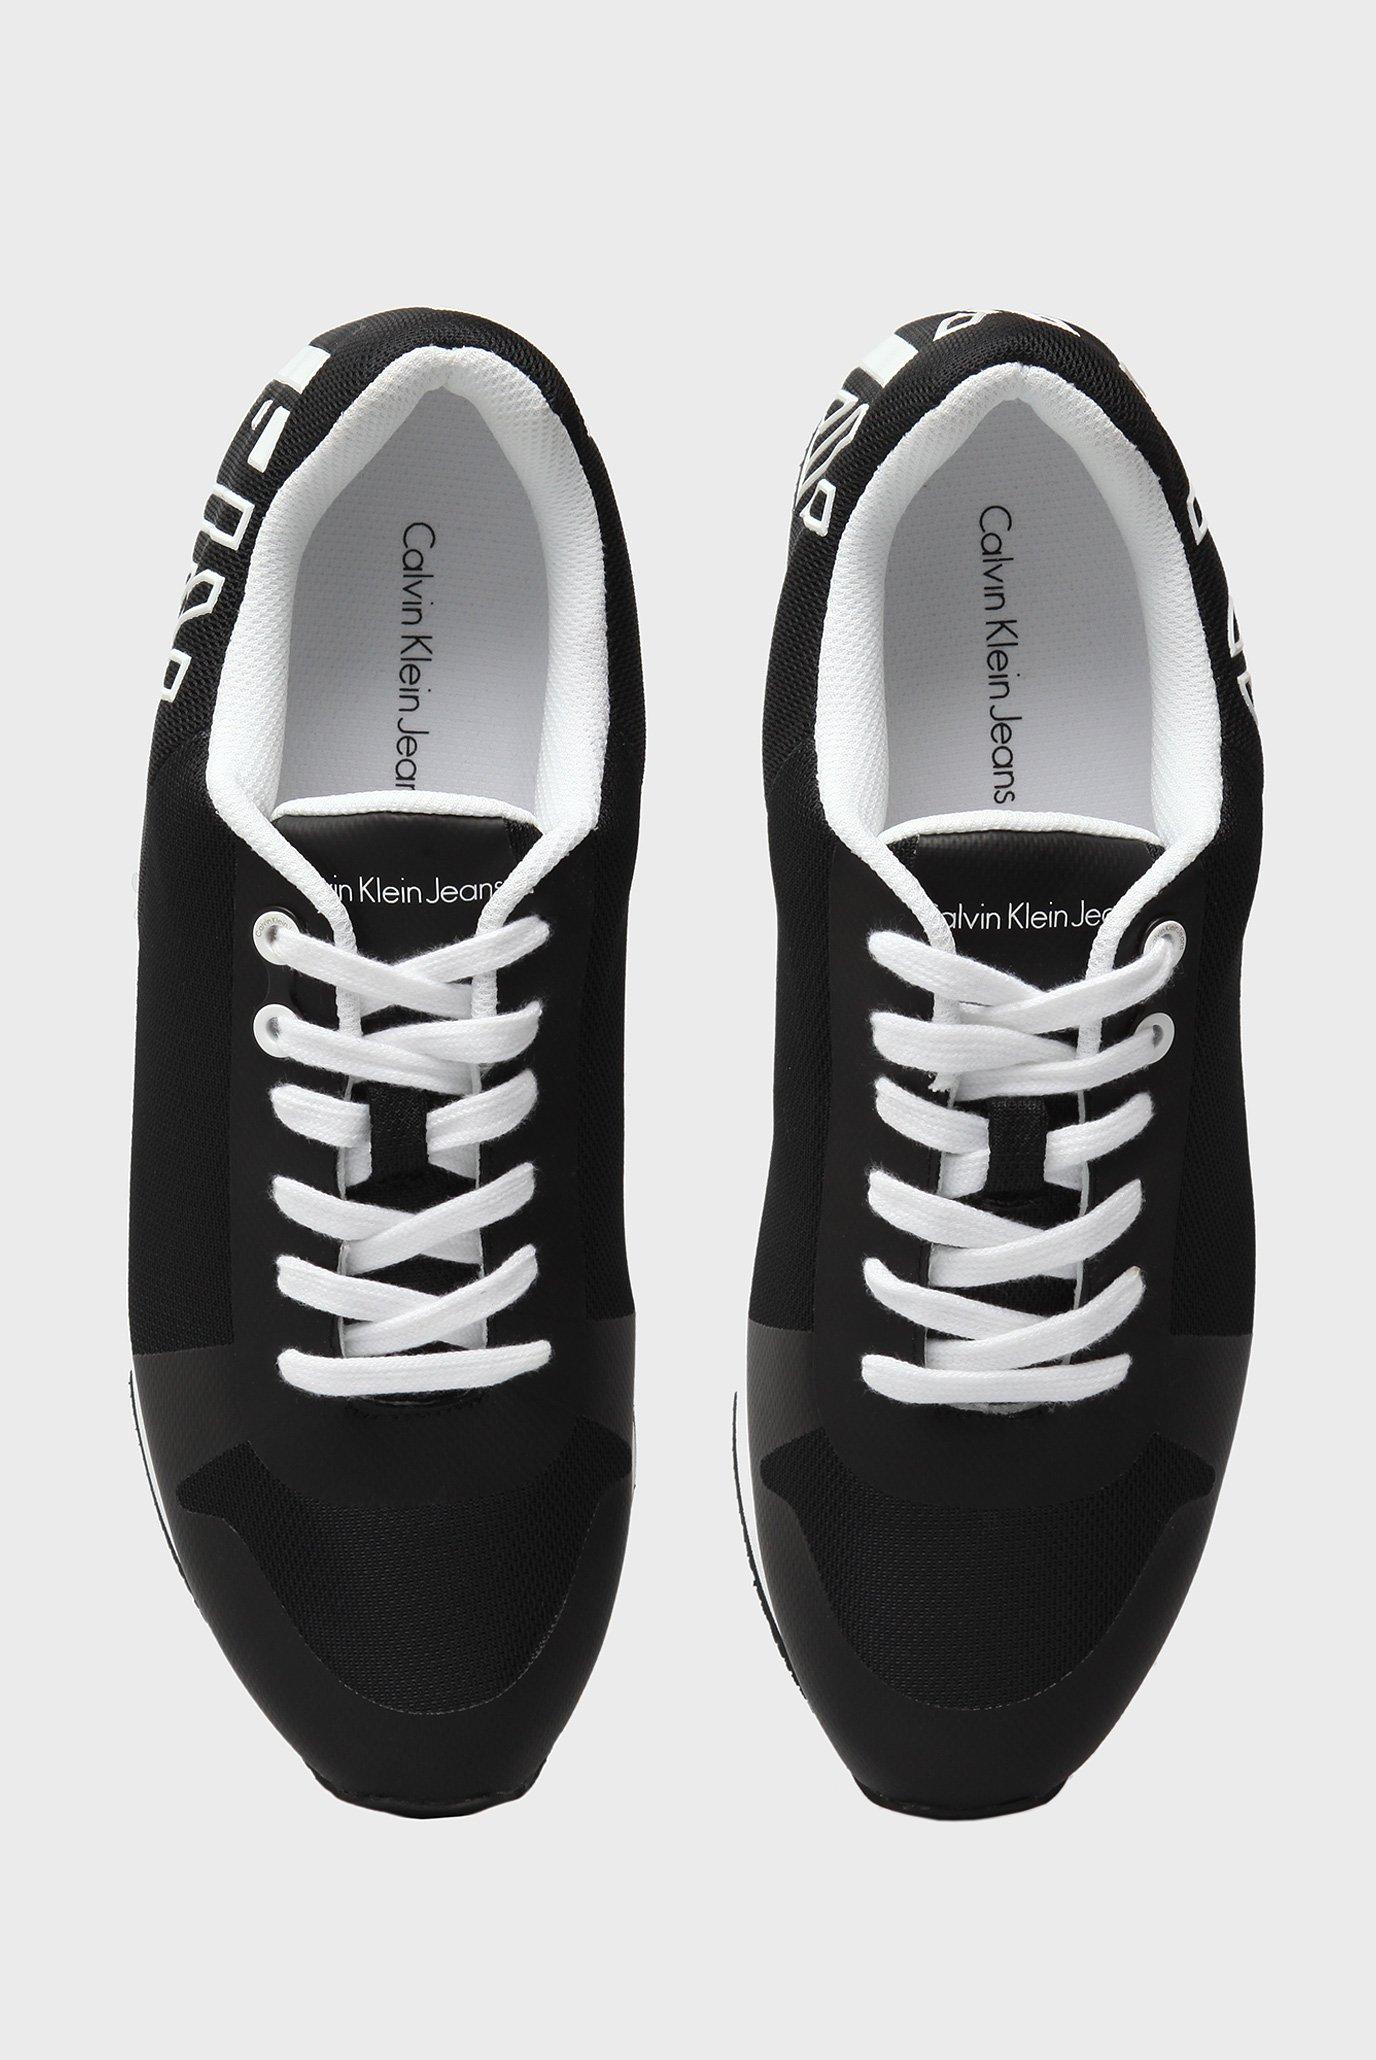 Купить Мужские черные кроссовки с напылением Calvin Klein Calvin Klein S1658 – Киев, Украина. Цены в интернет магазине MD Fashion